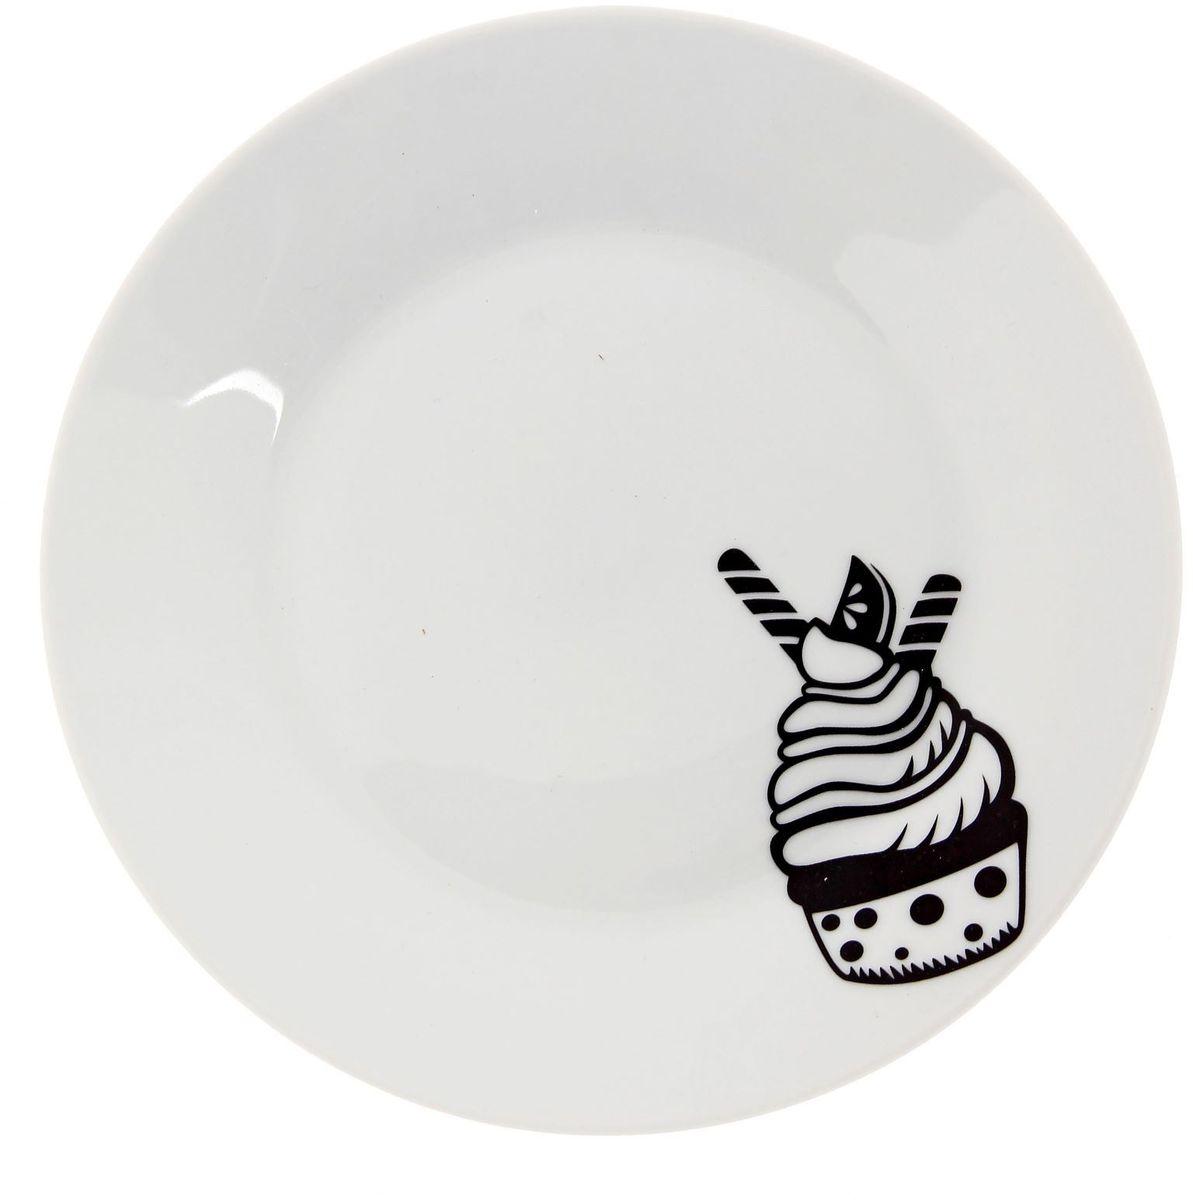 Тарелка мелкая Сотвори чудо Маффин, диаметр 20 см2277876Хотите обновить интерьер кухни или гостиной? Устраиваете необычную фотосессию или тематический праздник? А может, просто ищете подарок для близкого человека? Посуда Сотвори Чудо — правильный выбор в любой ситуации. Тарелка Сотвори Чудо, изготовленная из изящного фаянса нежного сливочного цвета, оформлена оригинальным рисунком со стойкой краской. Пригодна для посудомоечной машины.